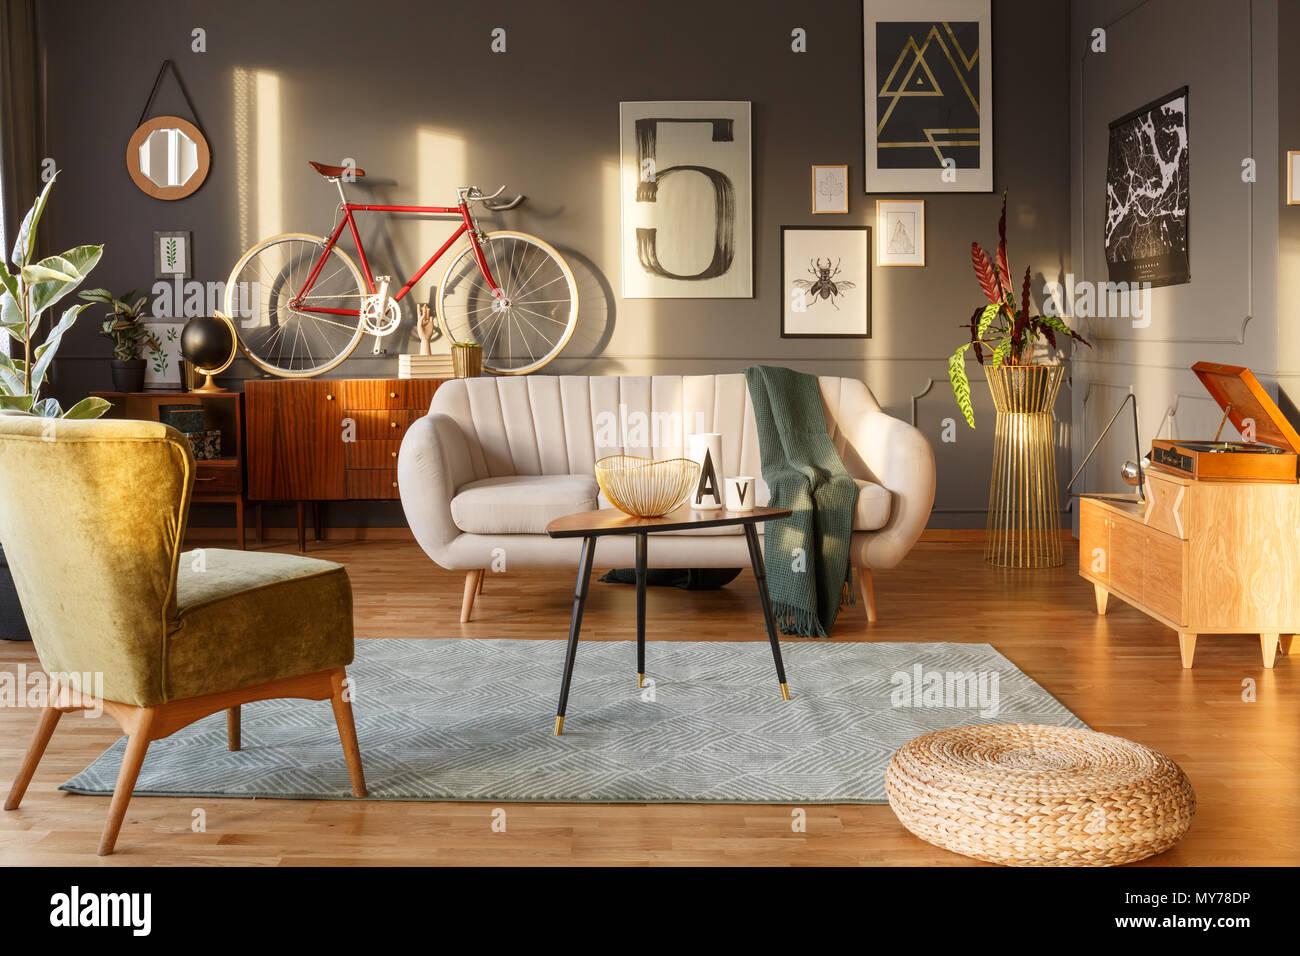 Tappeto Salotto Verde : Colore della luce divano tappeto verde vintage poltrona credenze